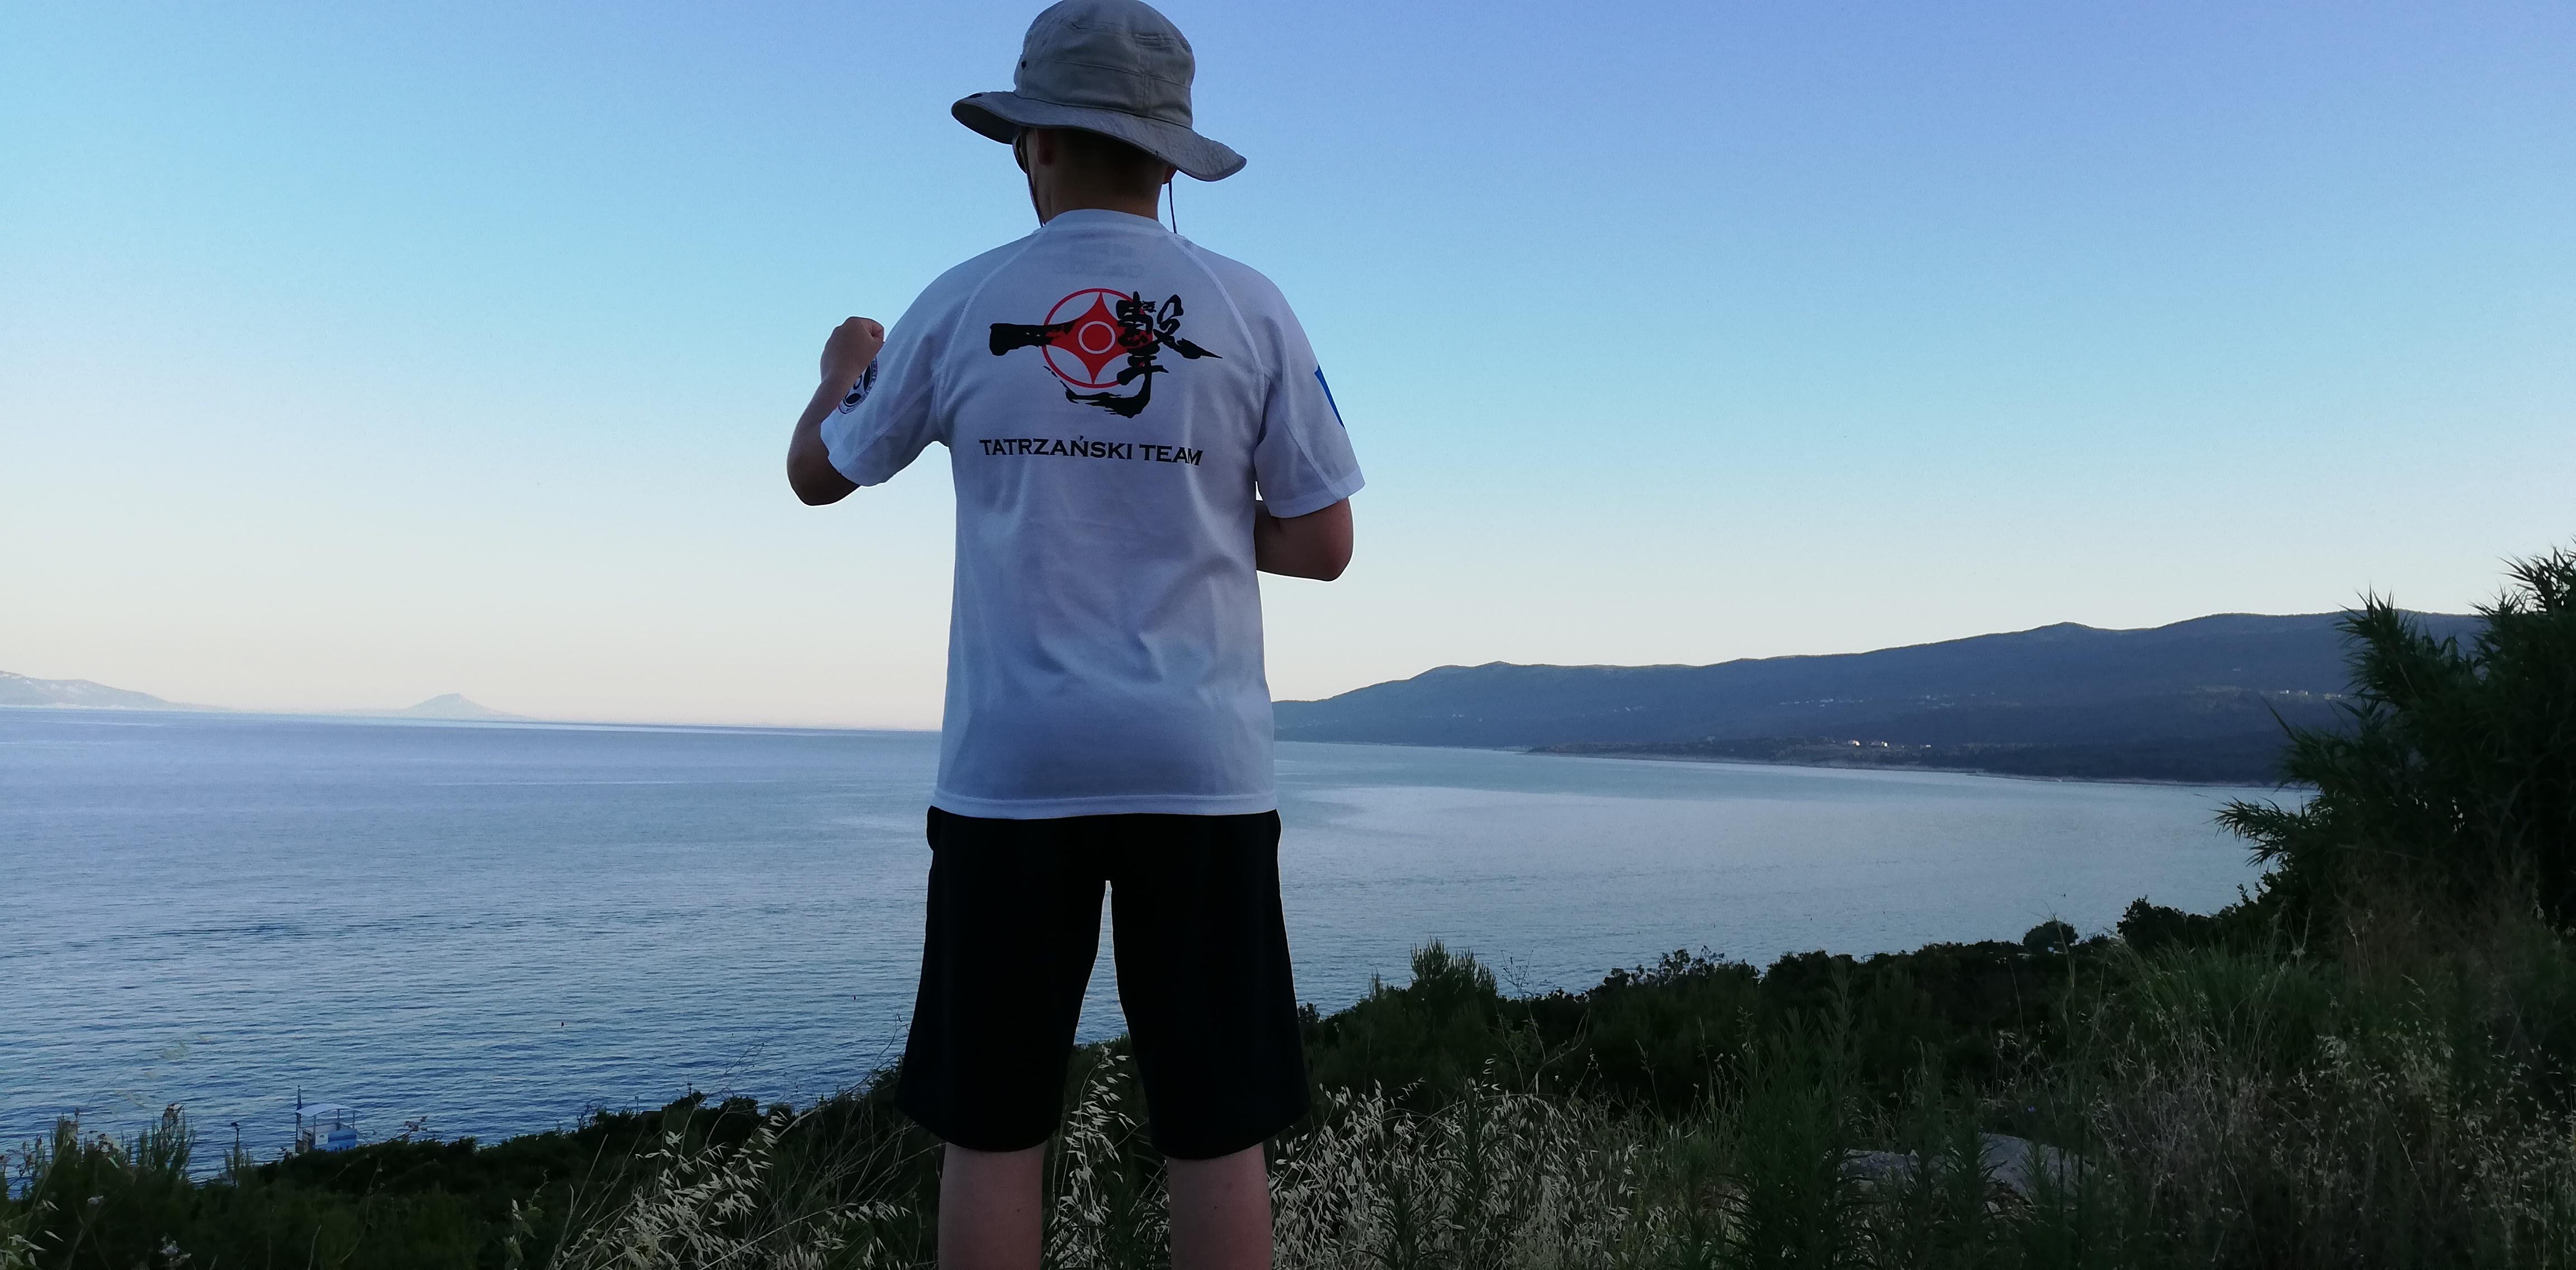 Wakacyjny konkurs z Tatrzański Team lato